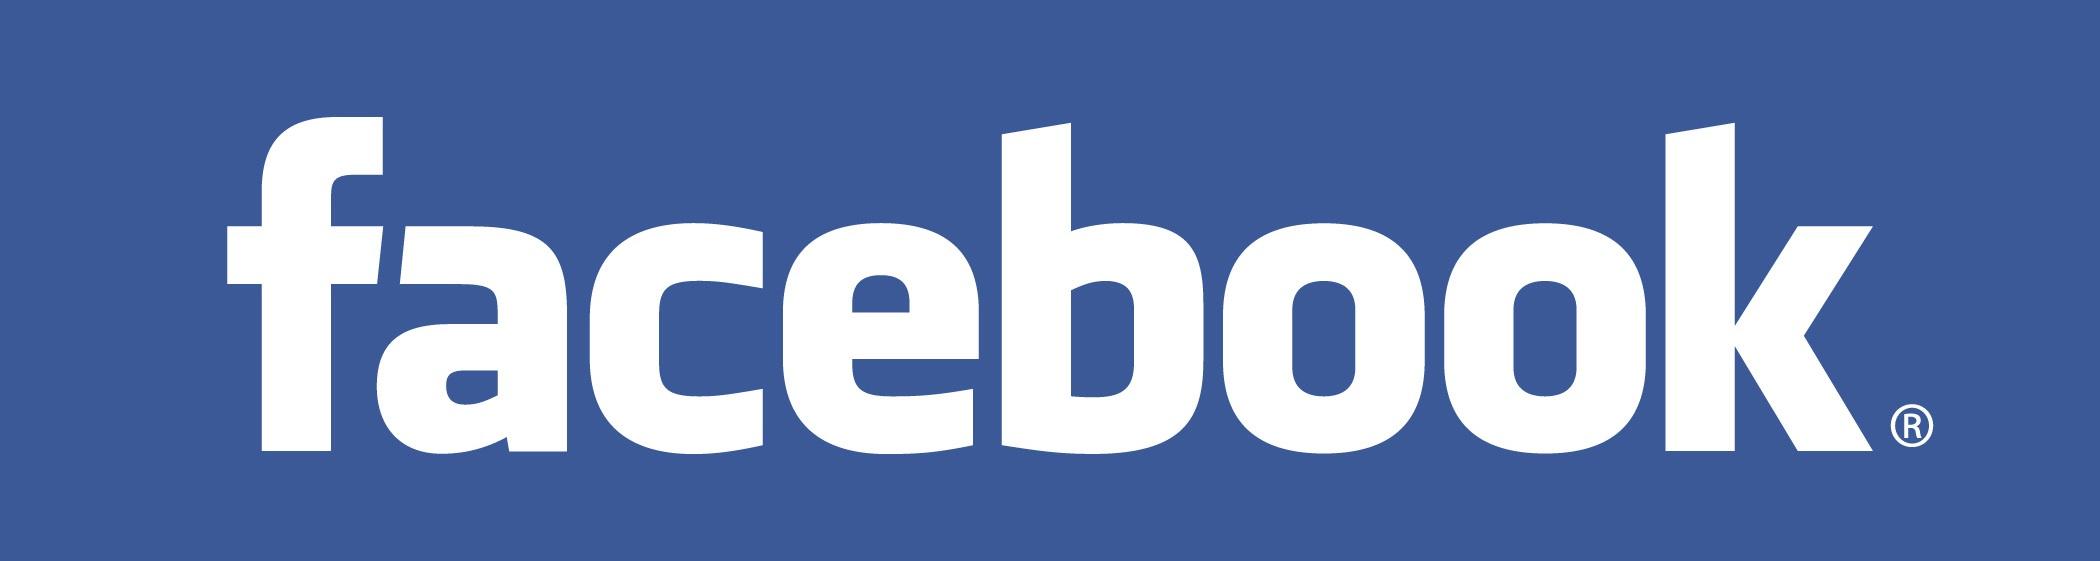 Resultado de imagen para imagen de icono de facebook